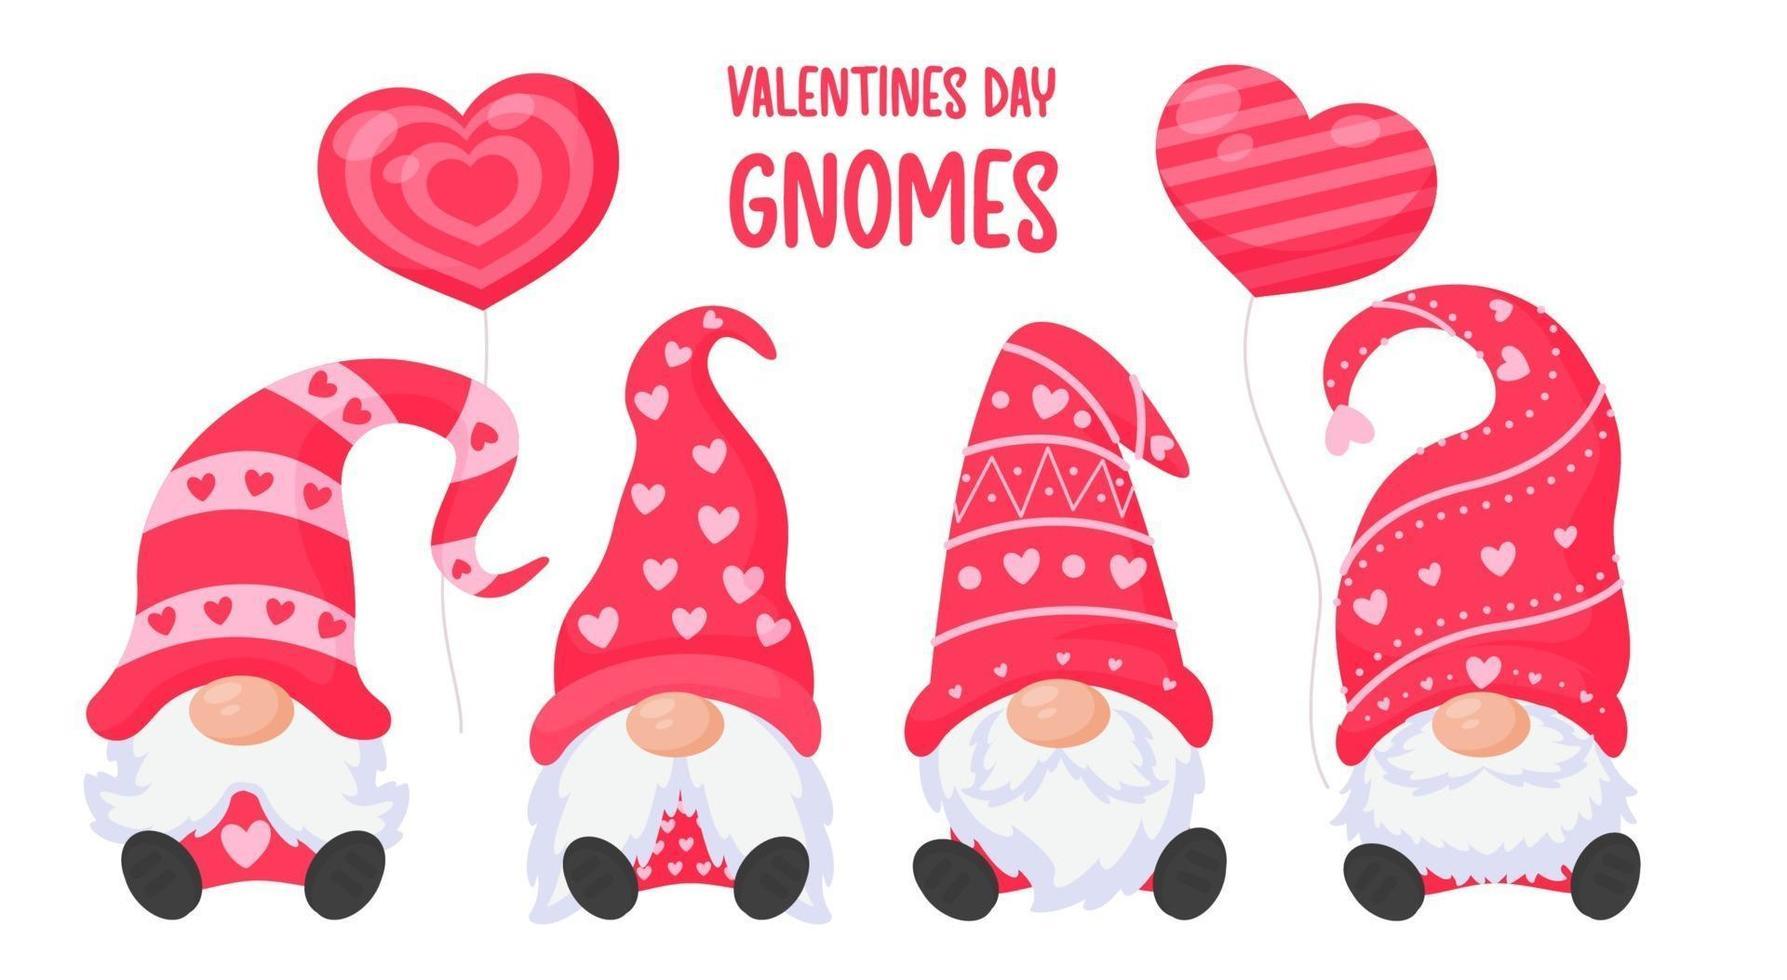 anões ou gnomos seguram balões de coração rosa. para cartão do dia dos namorados vetor